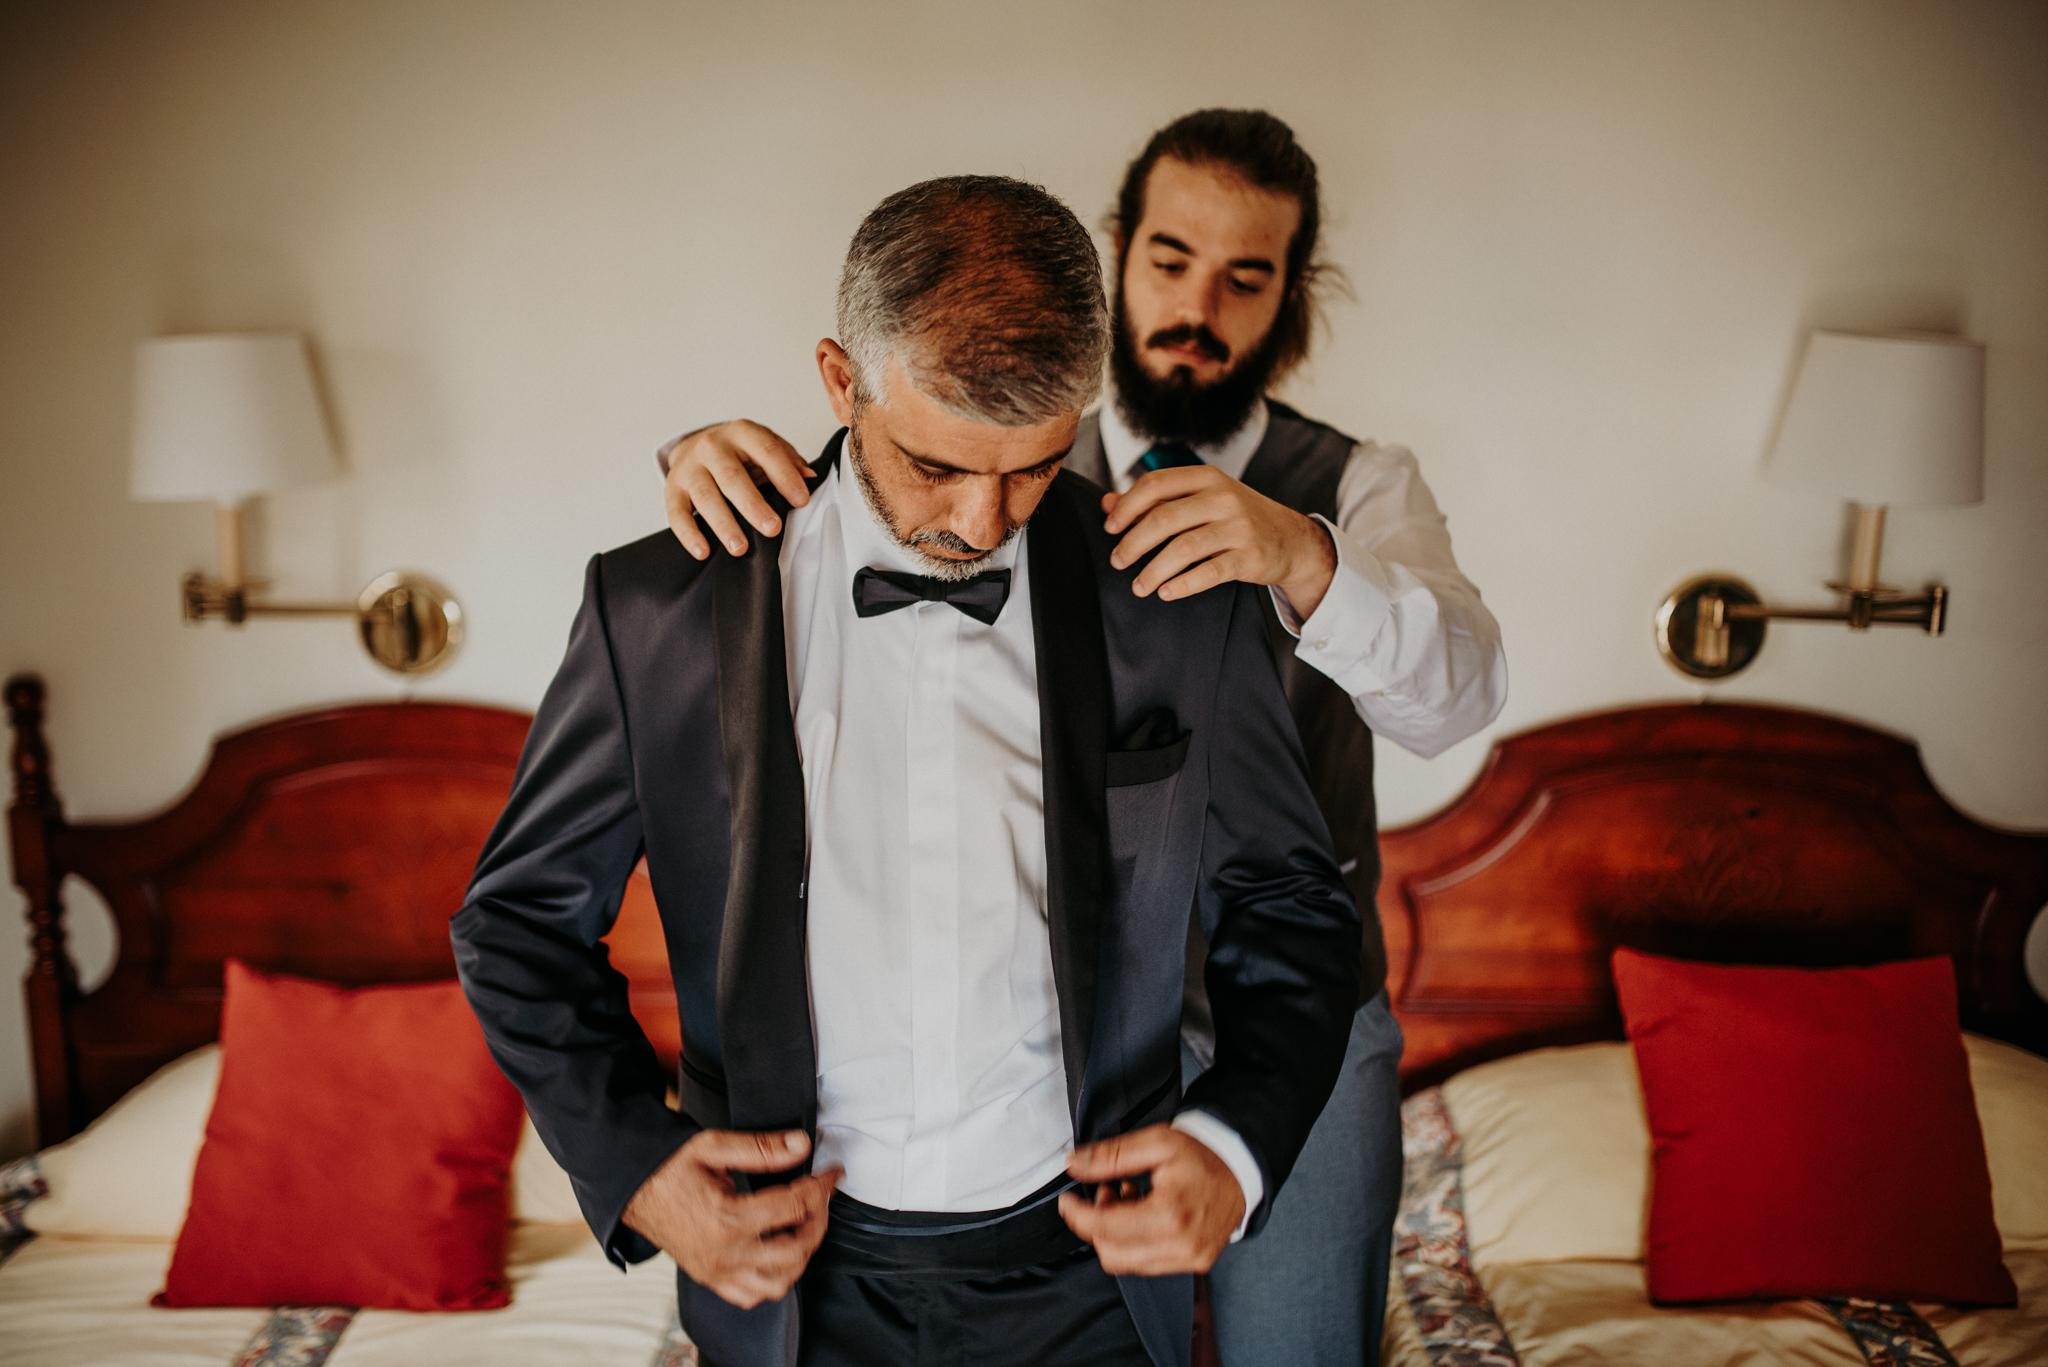 sonia boda-37.jpg